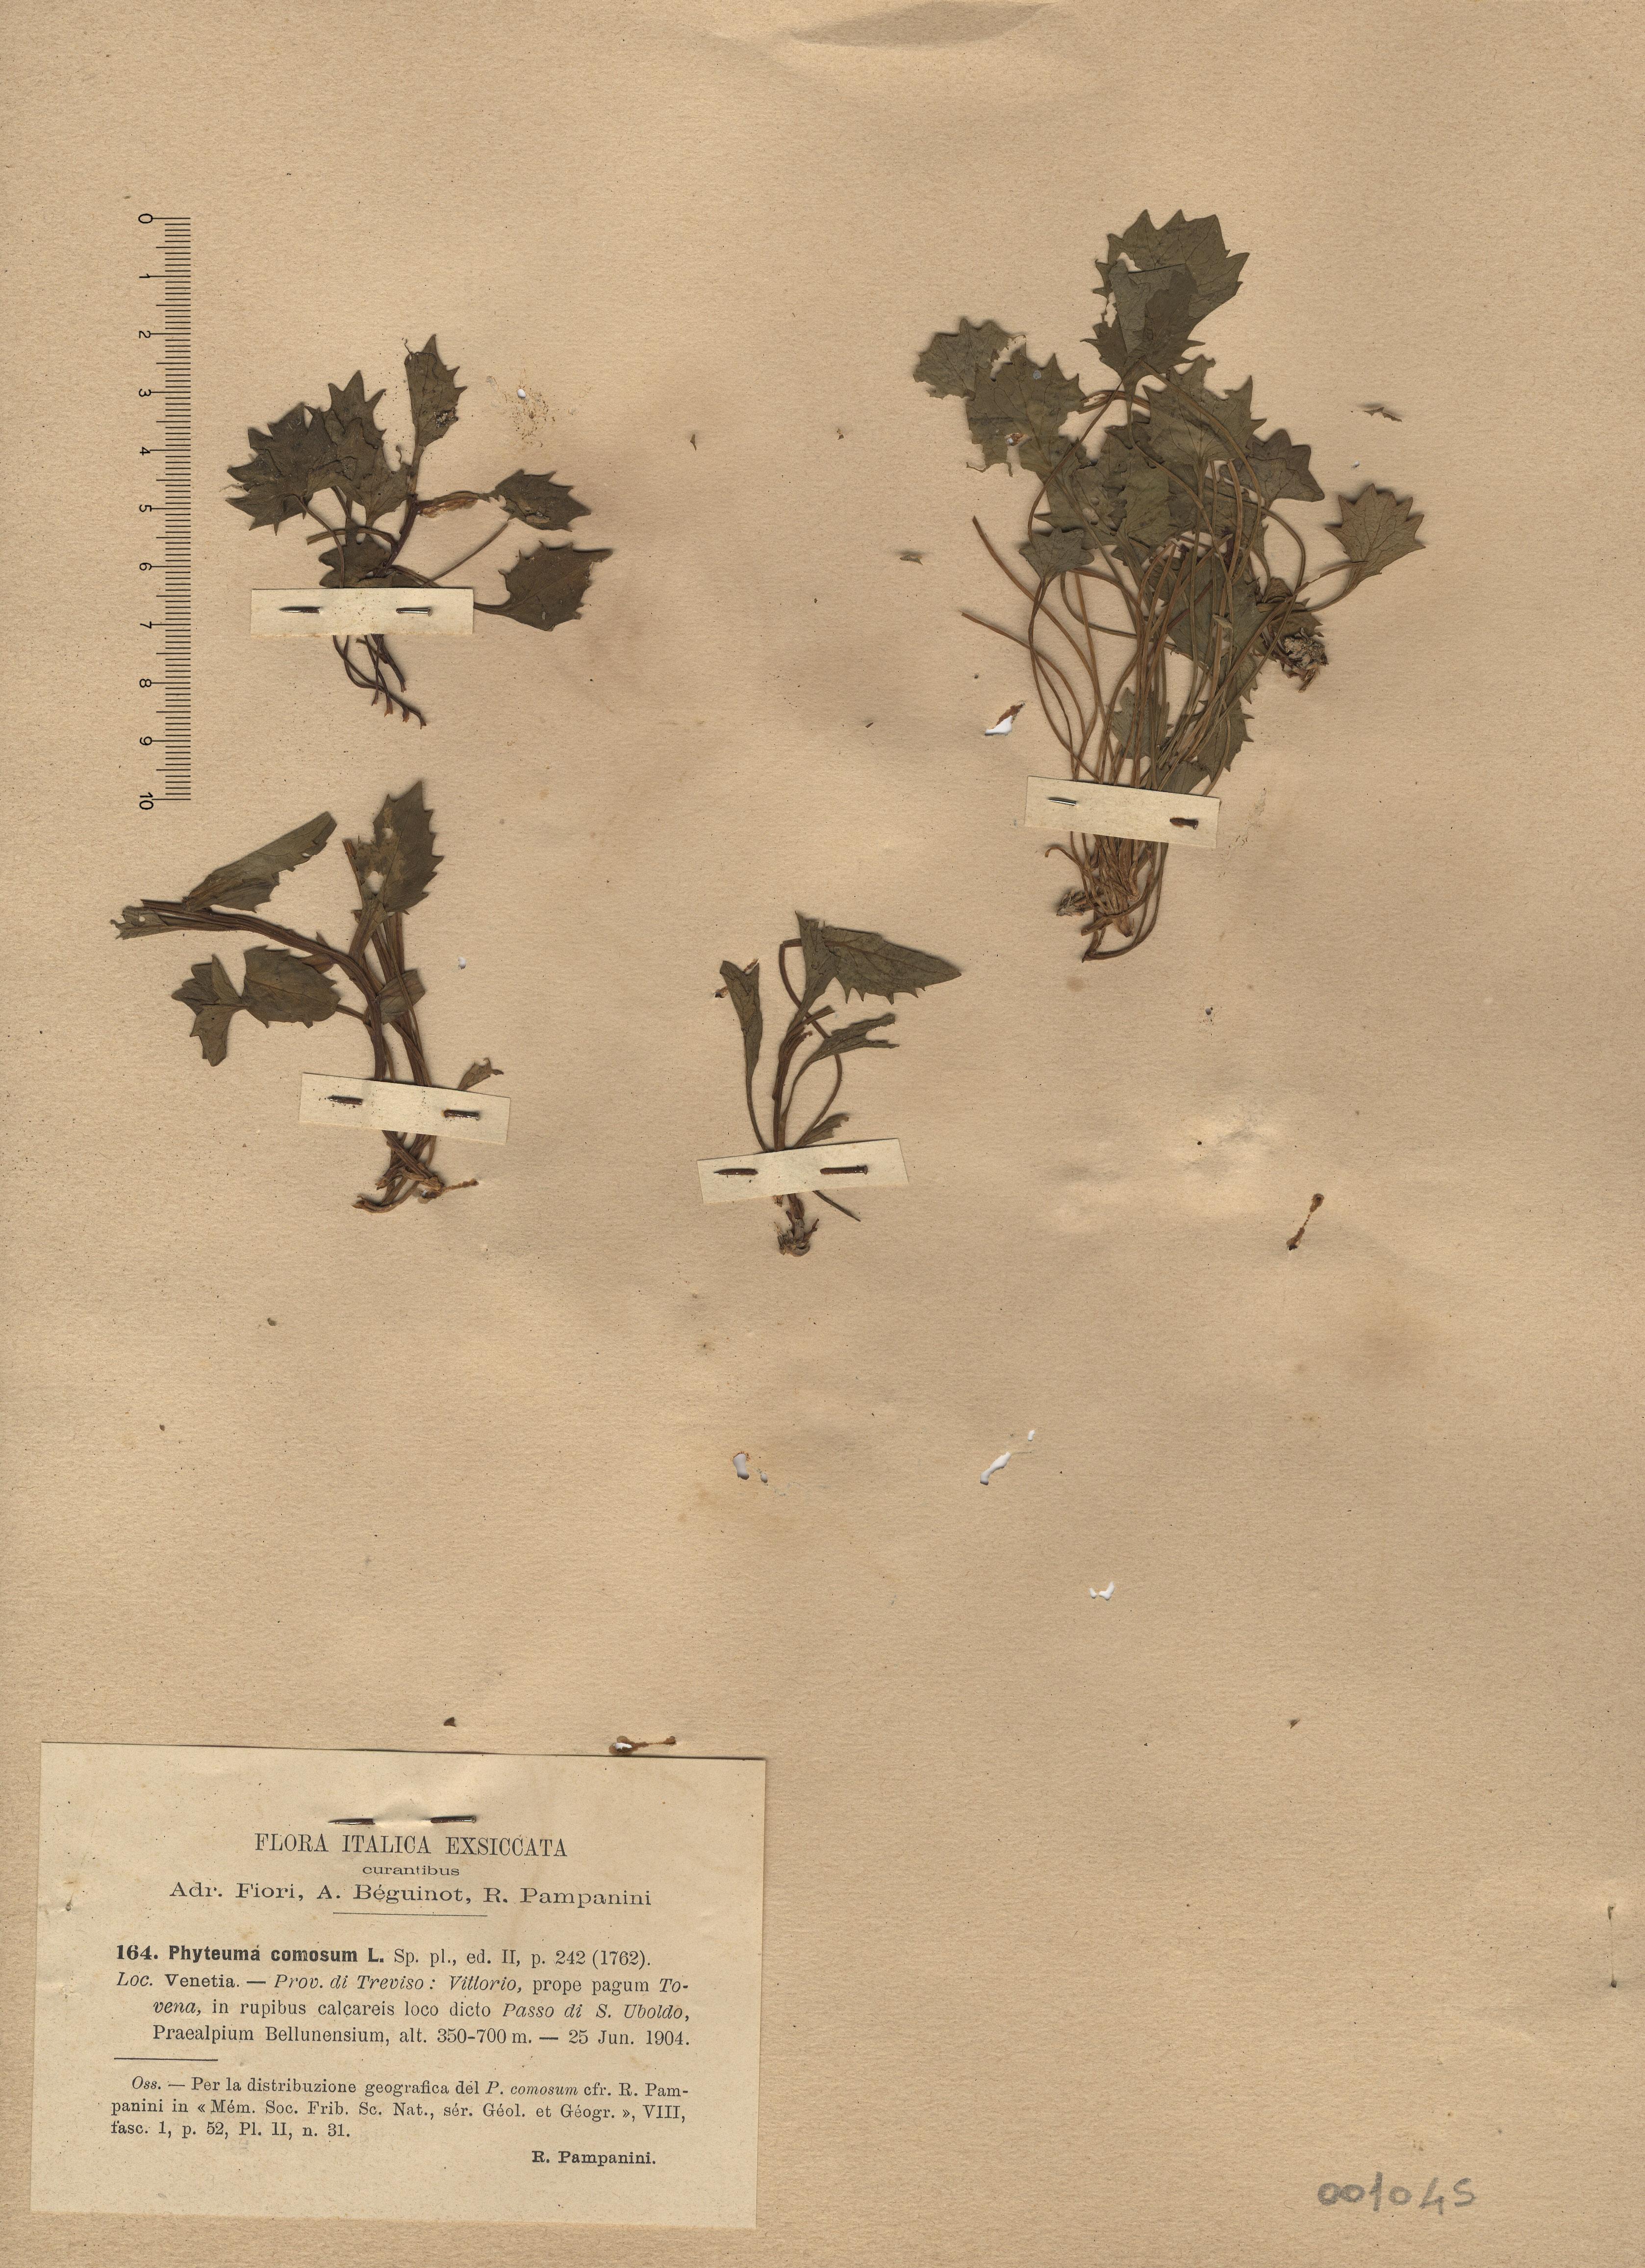 © Hortus Botanicus Catinensis - Herb. sheet 001045<br>